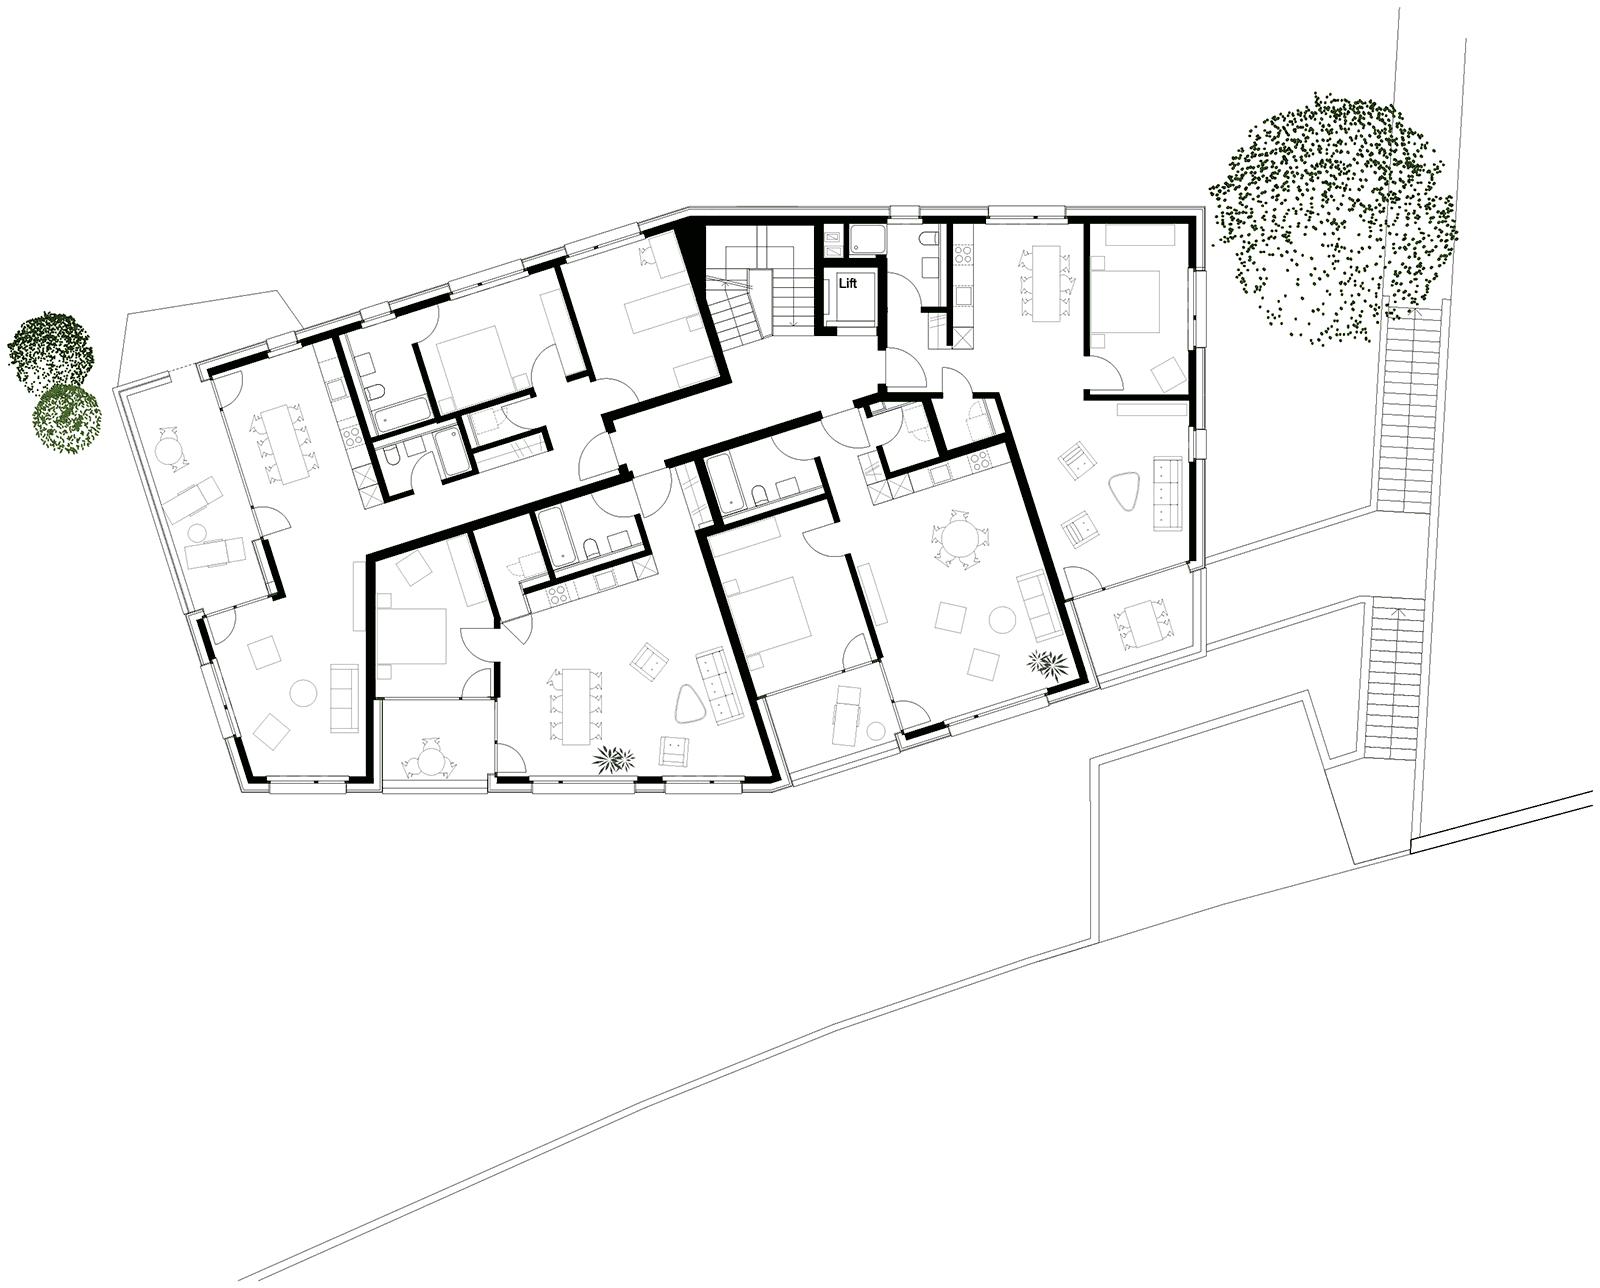 Grundriss Regelgeschoss Neubau Mehrfamilienhaus im Eichhölzli Biel/Bienne